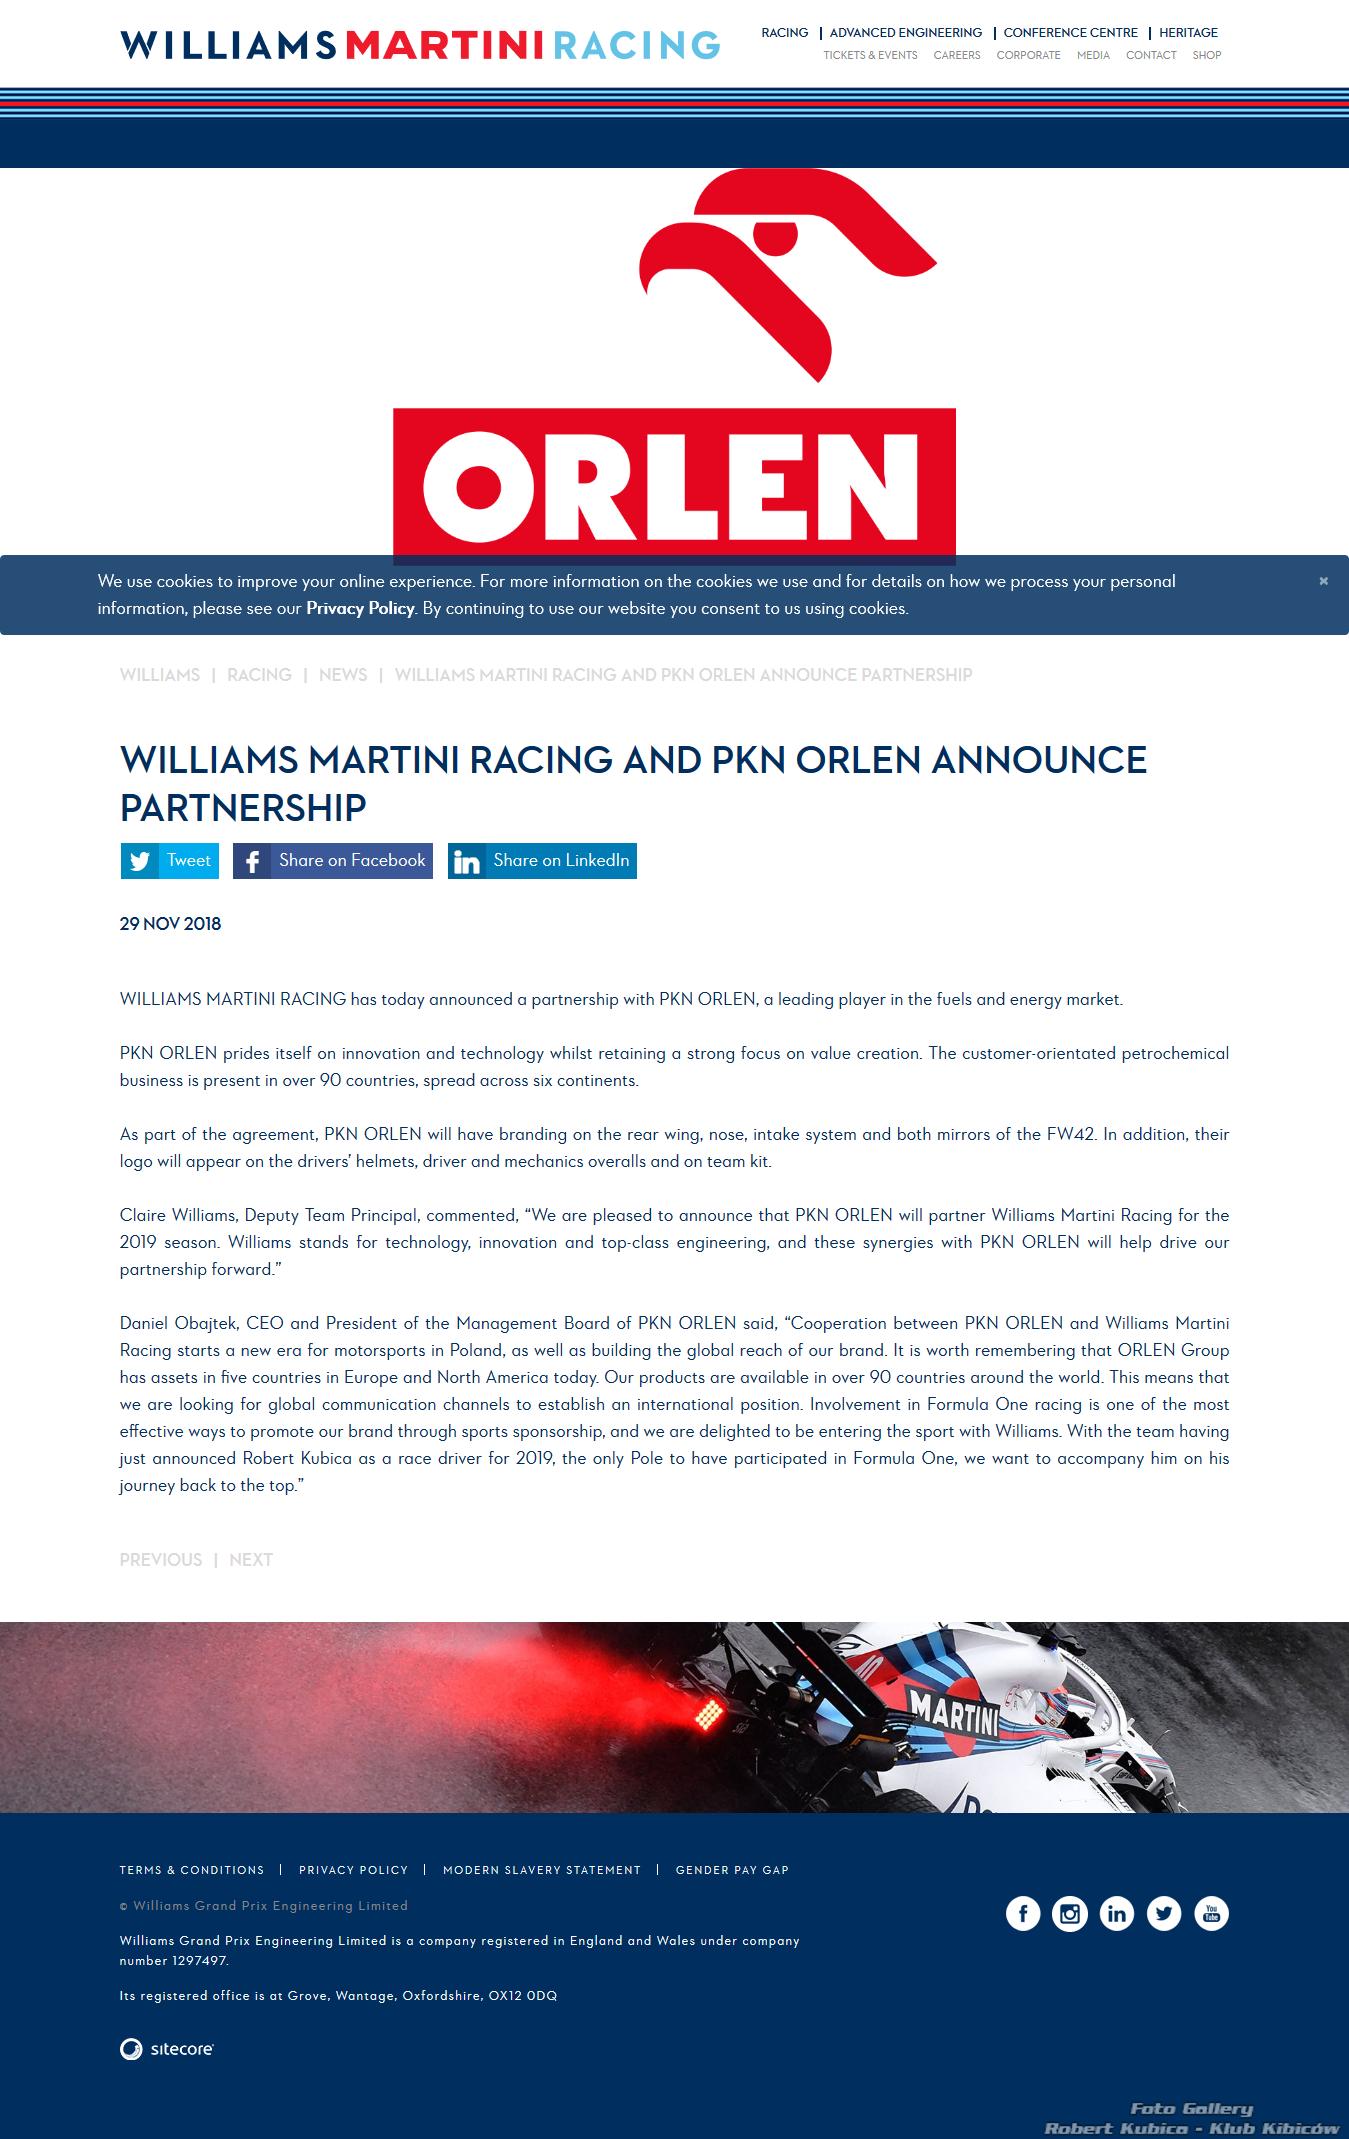 PKN ORLEN oficjalnym partnerem zespołu Williams Racing